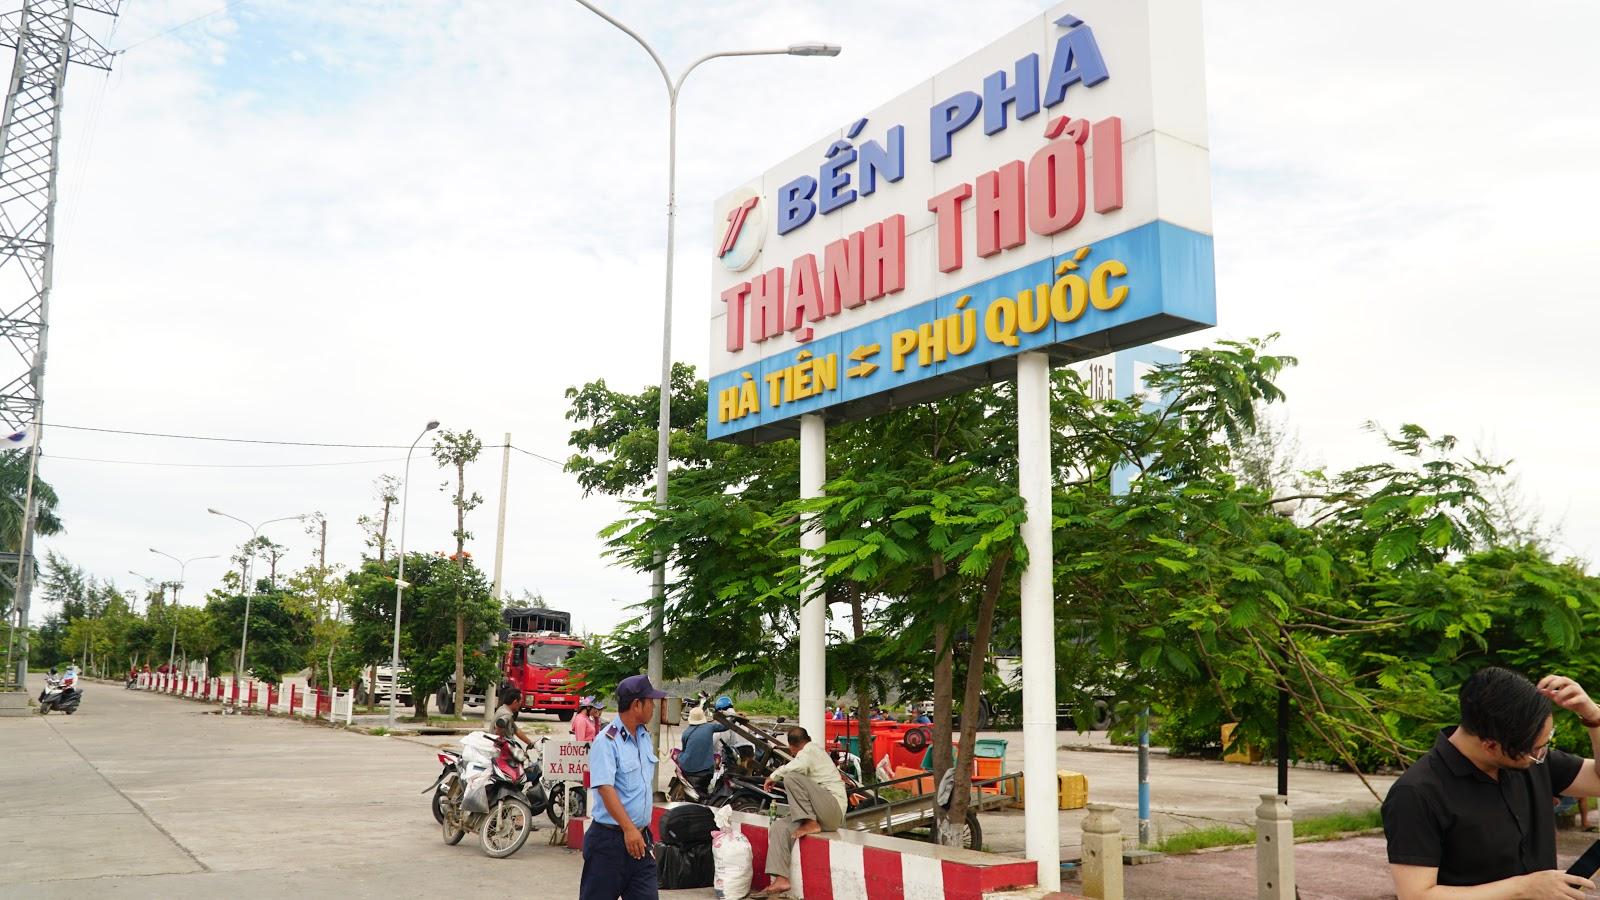 Tiến về Hà Tiên, lên Phà Thạnh thới sang Phú Quốc